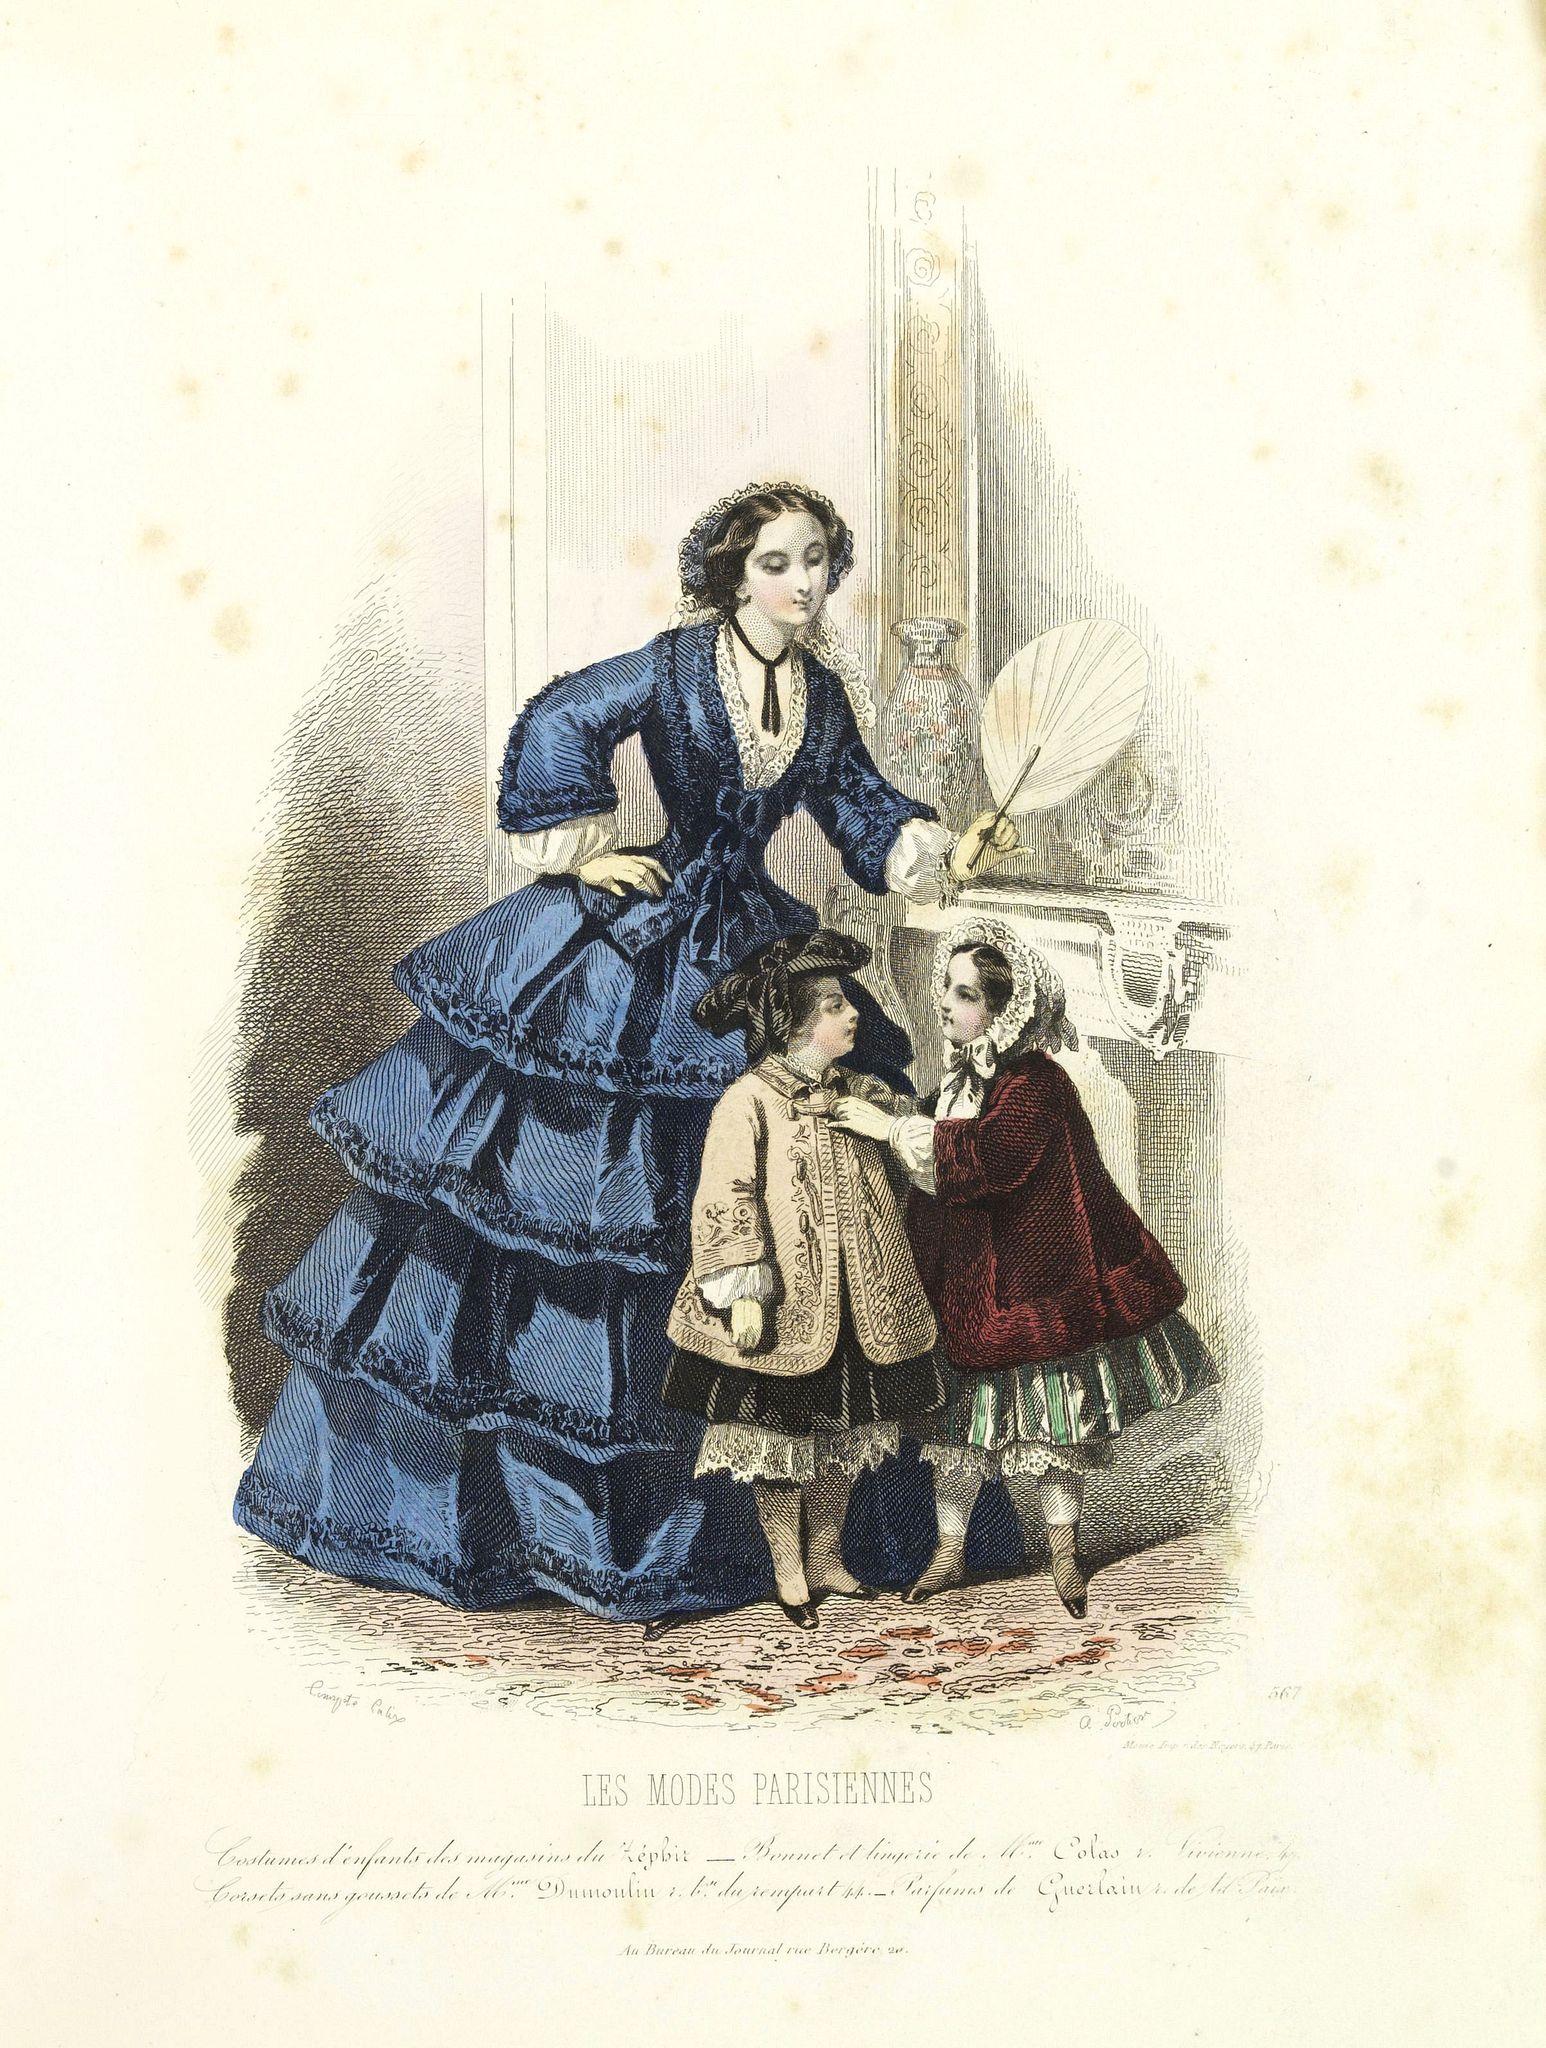 LES MODES PARISIENNES -  Paris fashion plate. (567)